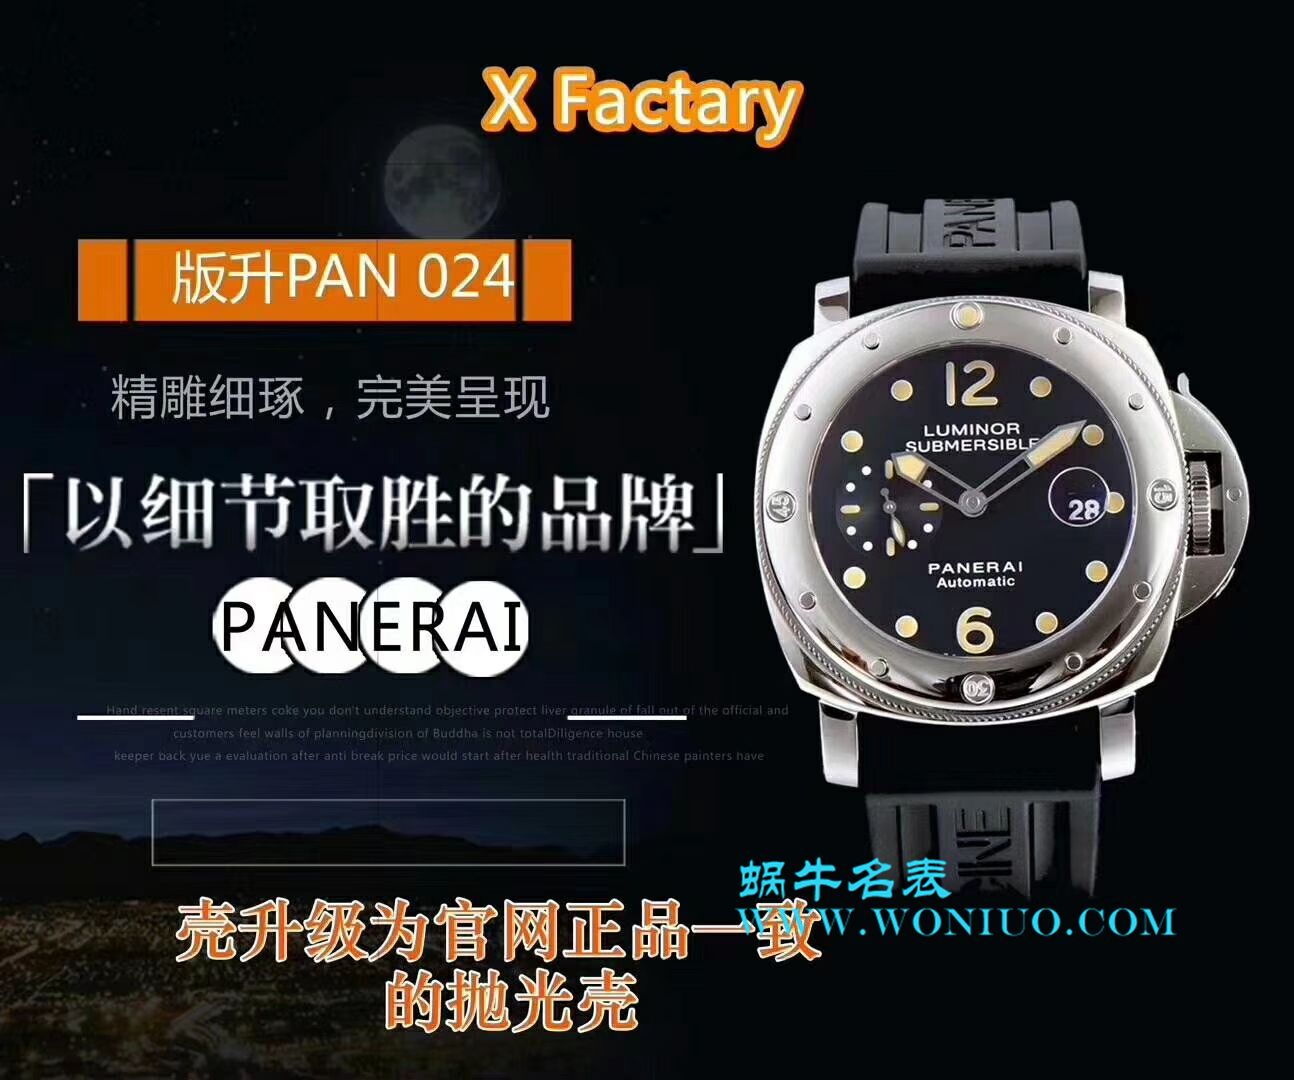 【XF一比一超A高仿手表】Panerai沛纳海LUMINOR系列PAM 00024腕表V2升级版 / PAM00024